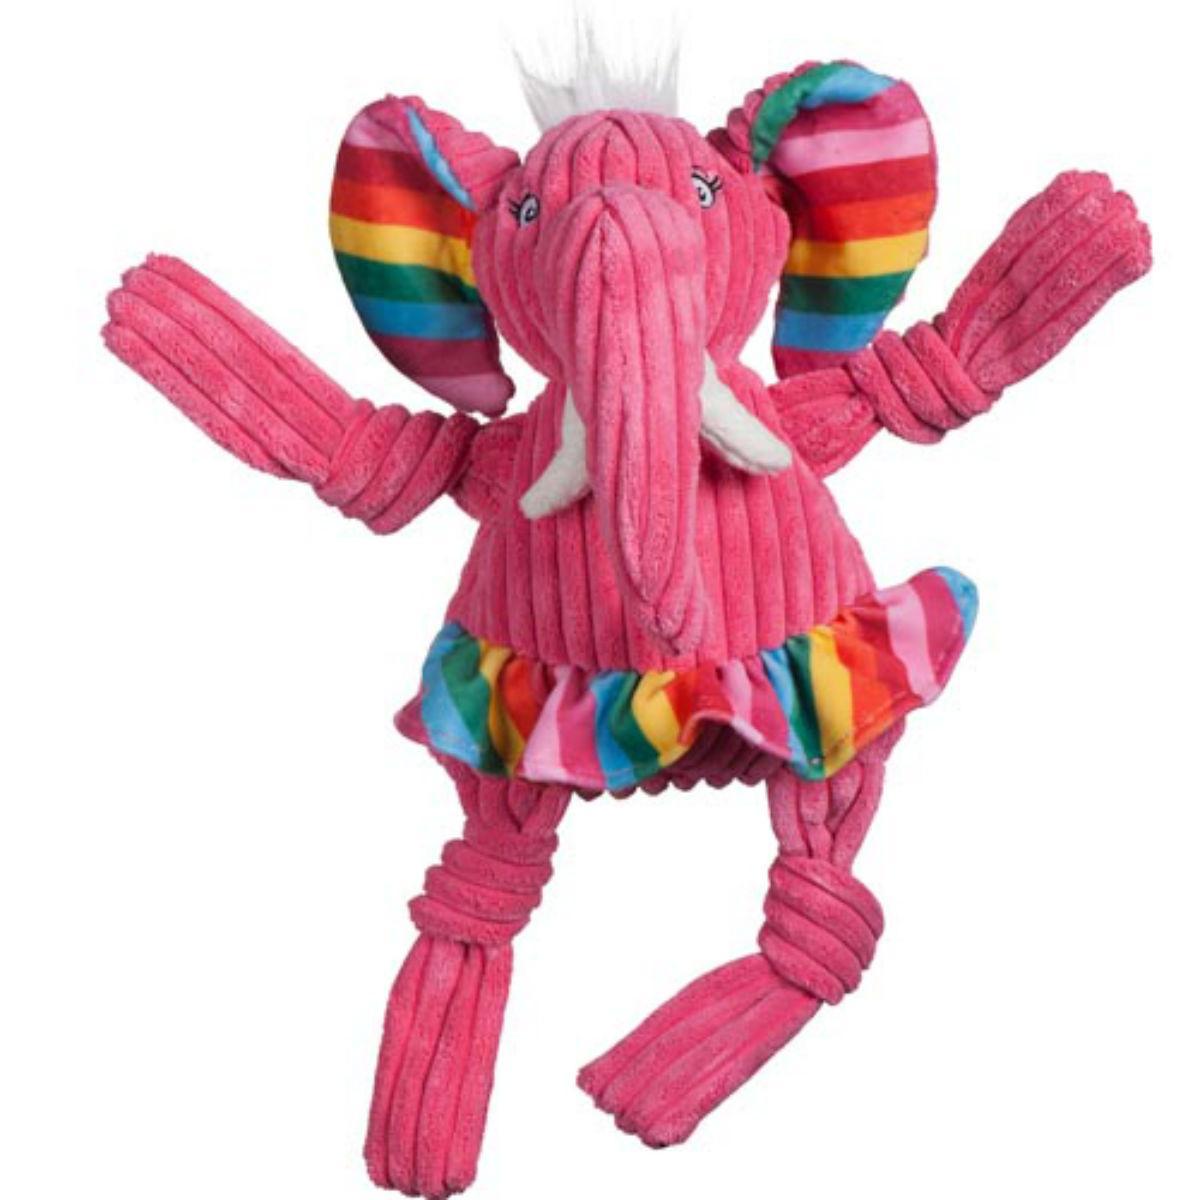 HuggleHounds Rainbow Knottie Dog Toy - Elephant